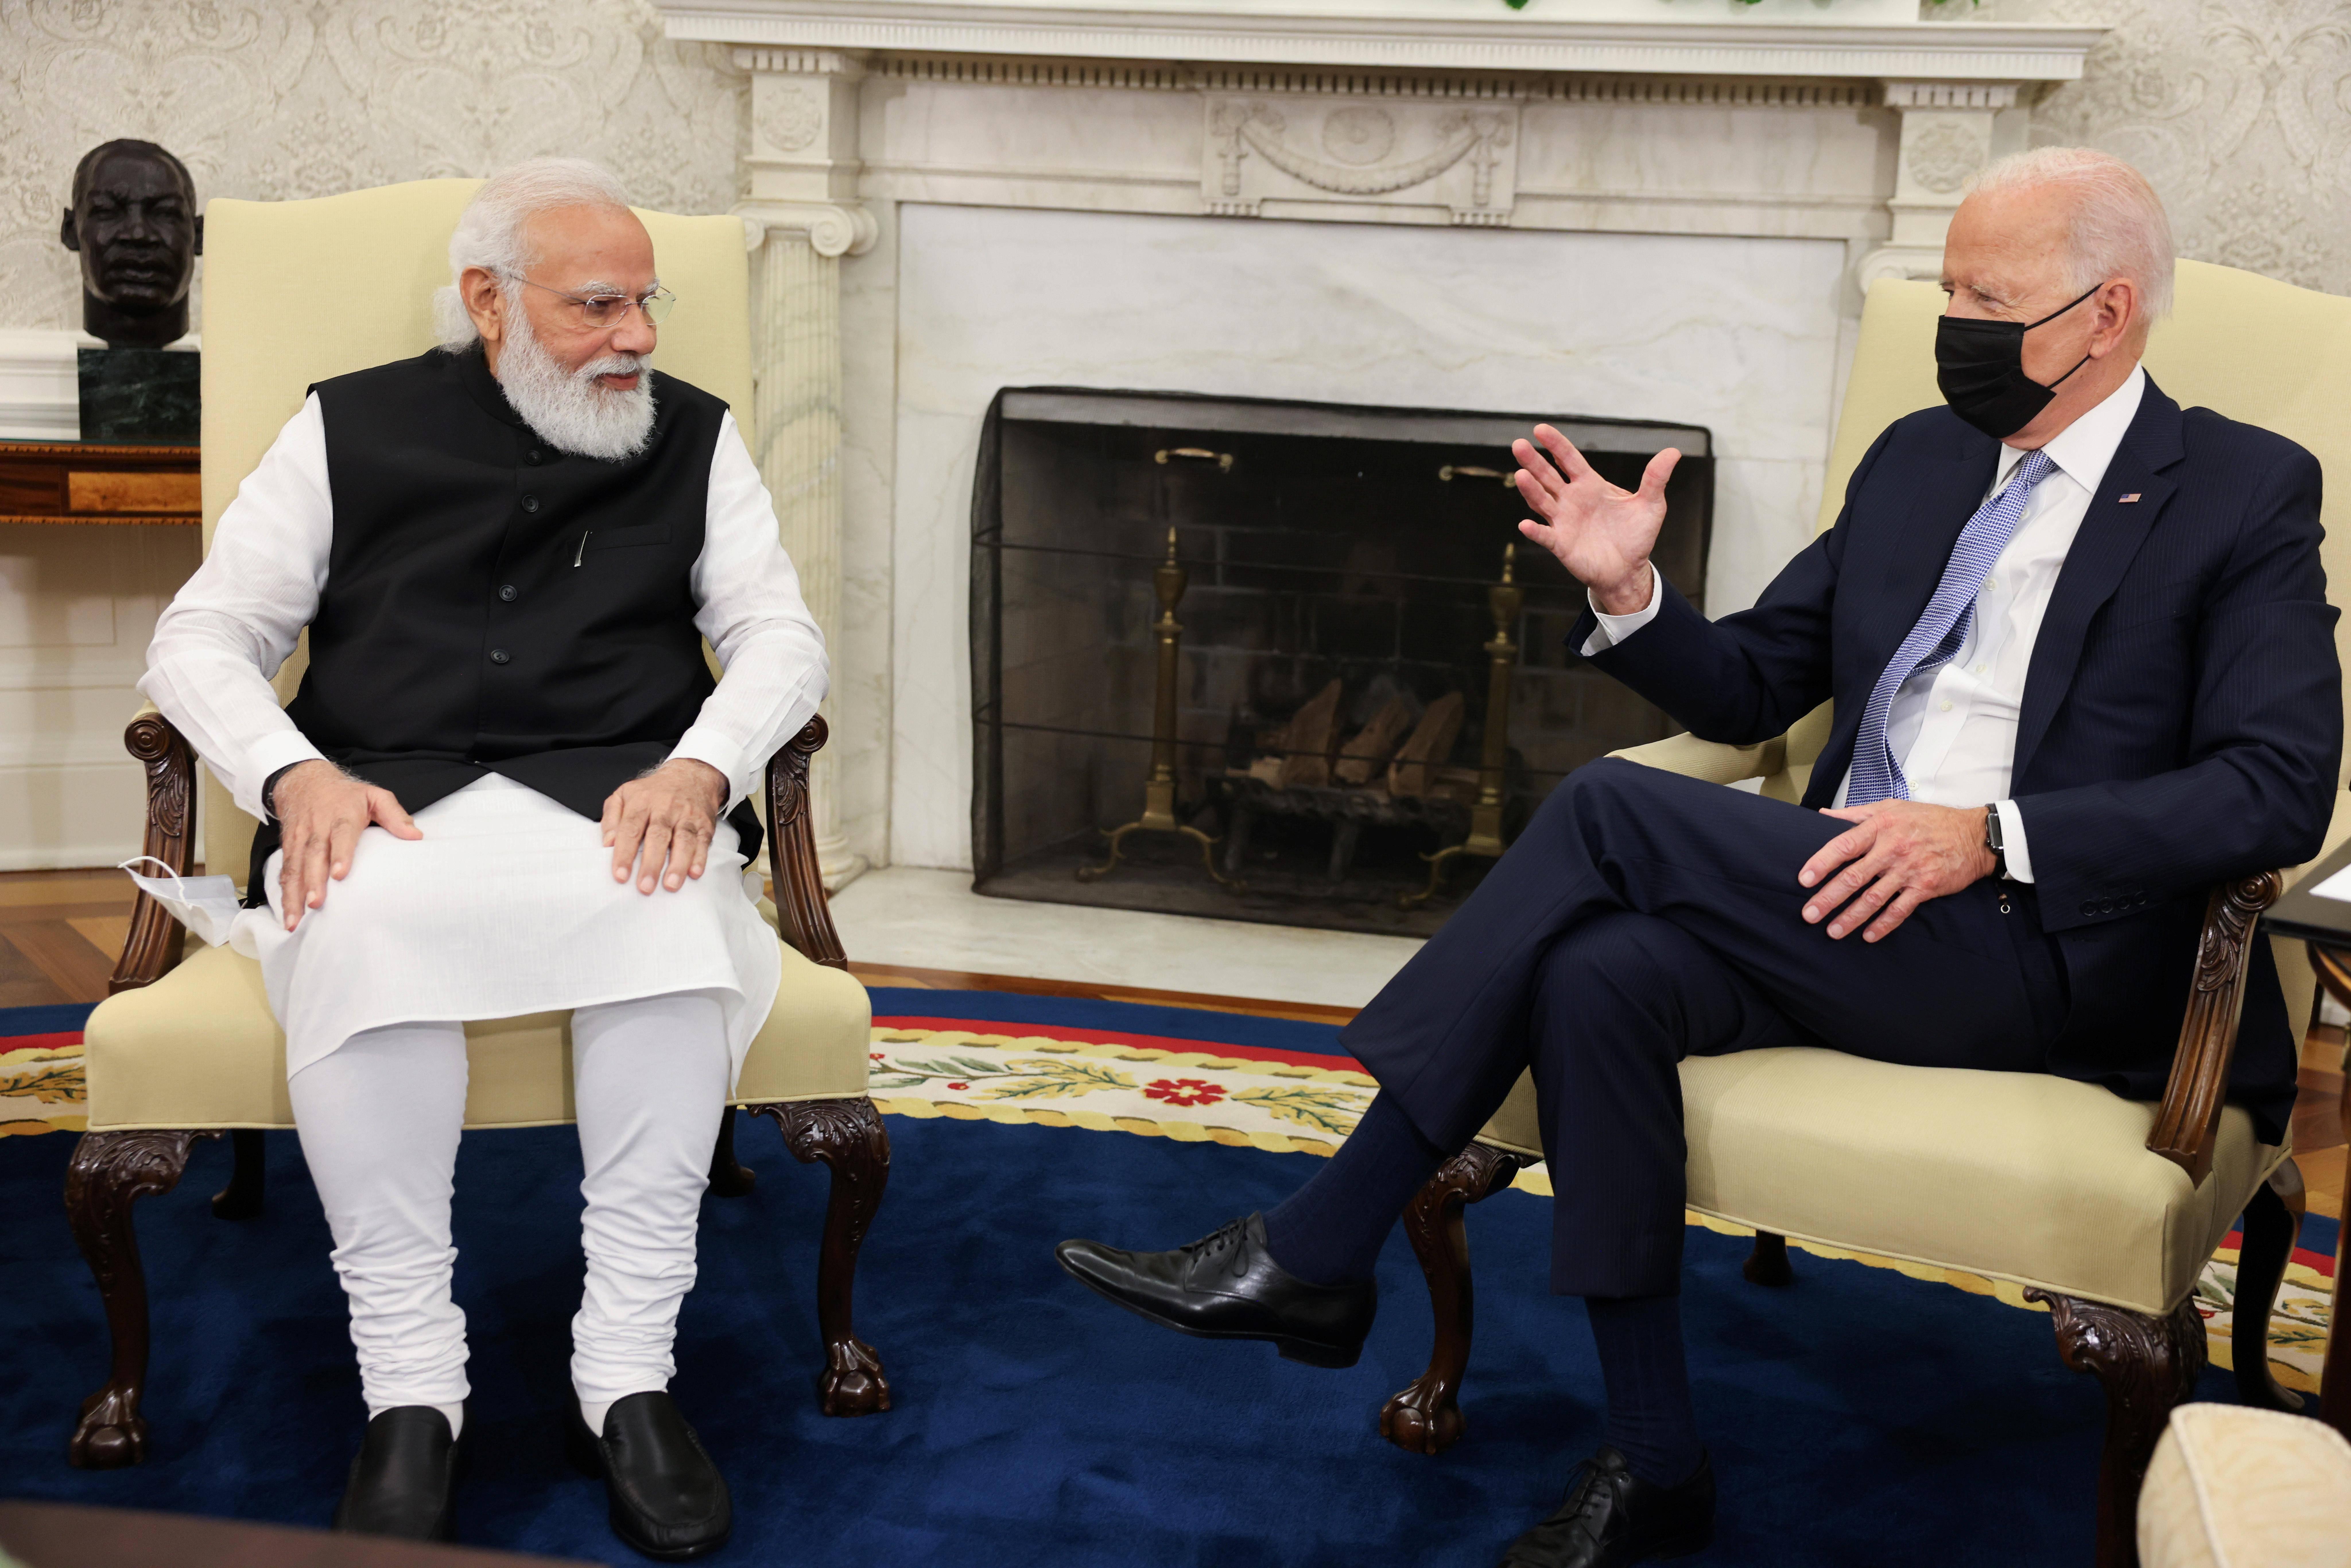 US, India ties can help solve global challenges: Biden